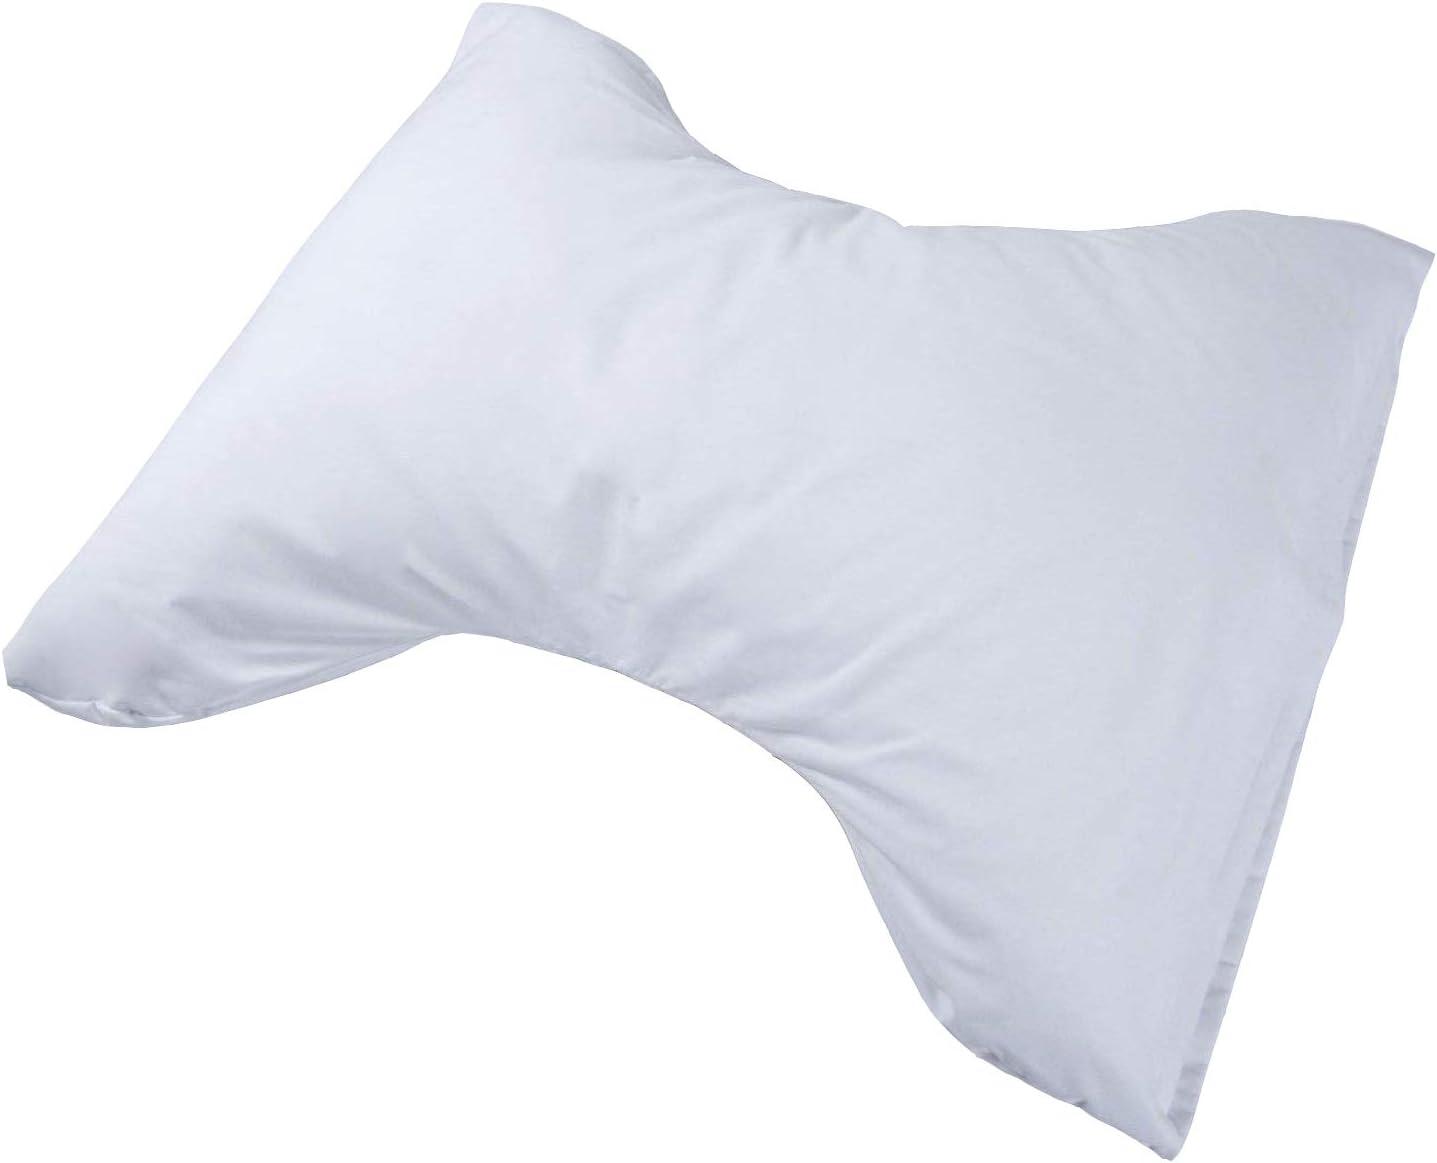 Almohada de mariposa auténtica con funda de almohada blanca, ortopédica, apoyo cervical para espalda y cuello, alivio del dolor, perfecta para quienes duermen de lado